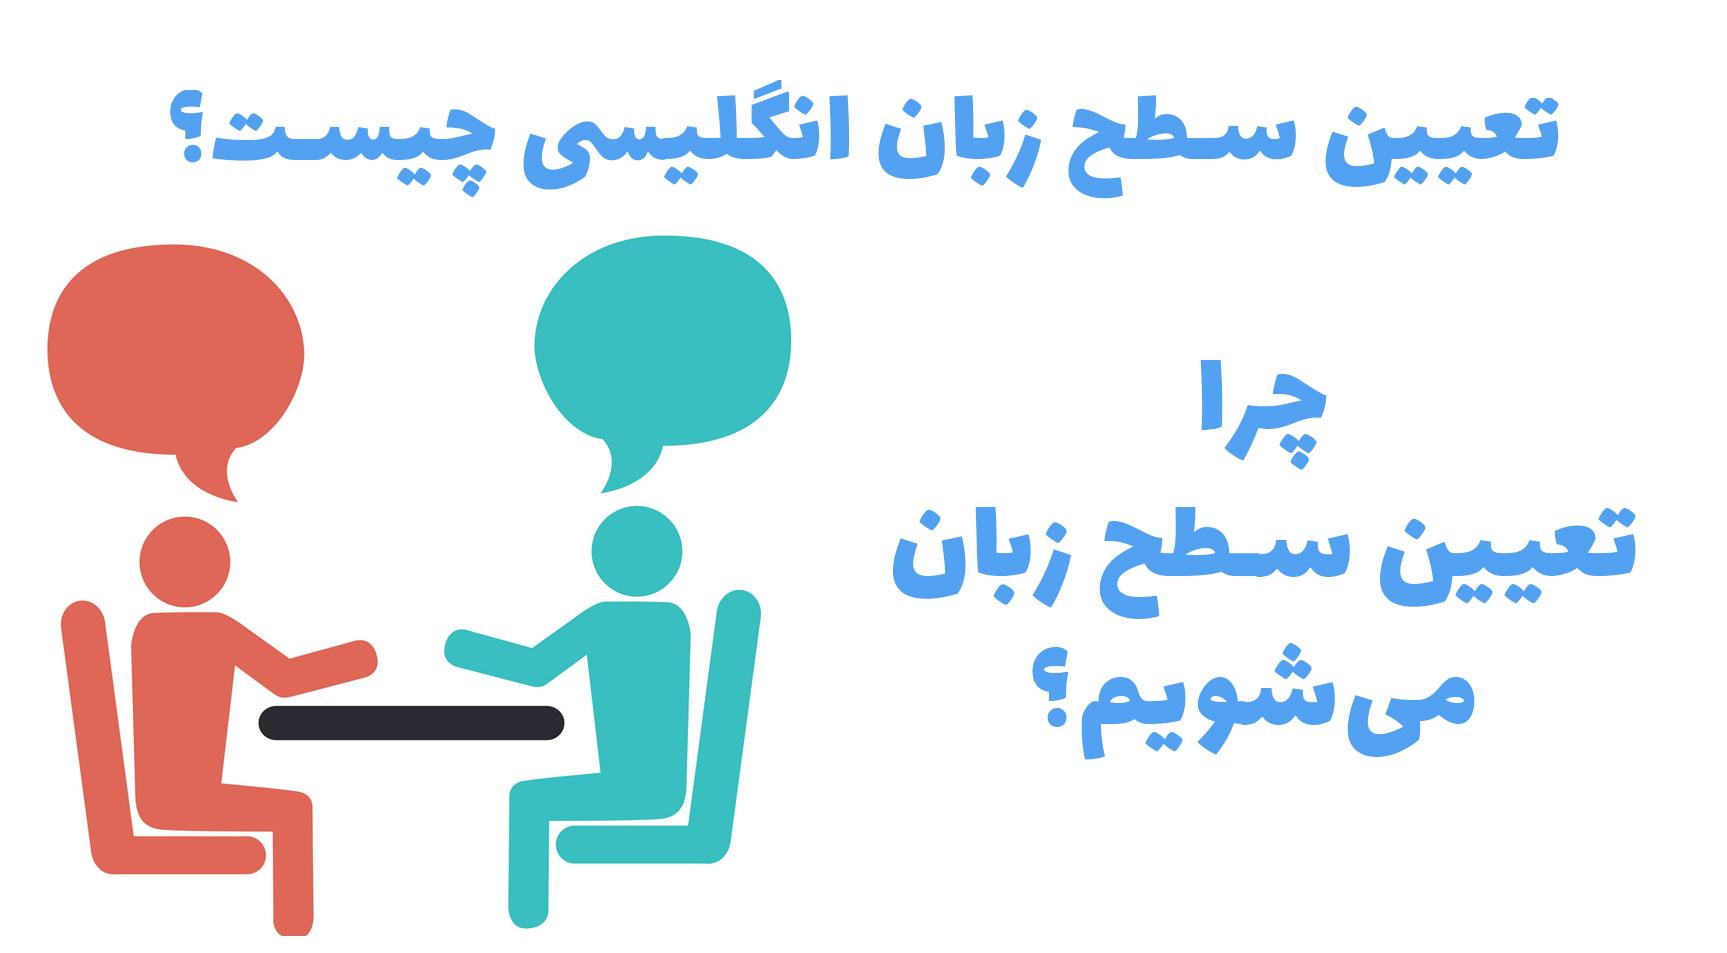 تعیین سطح زبان انگلیسی چیست؟